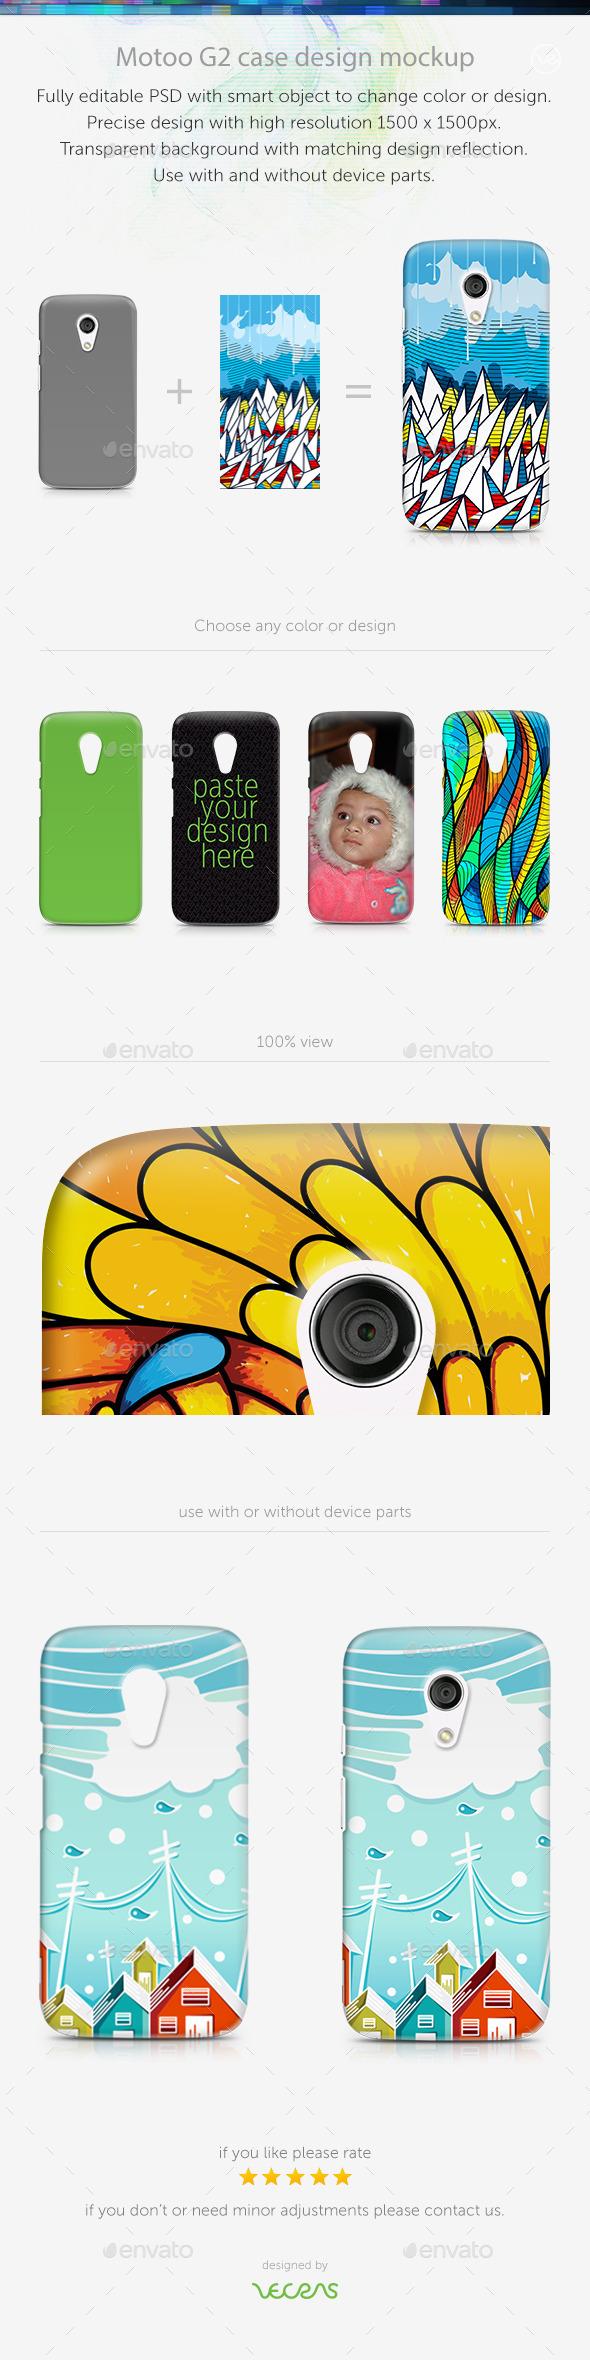 Motoo G2 Case Design Mockup - Mobile Displays